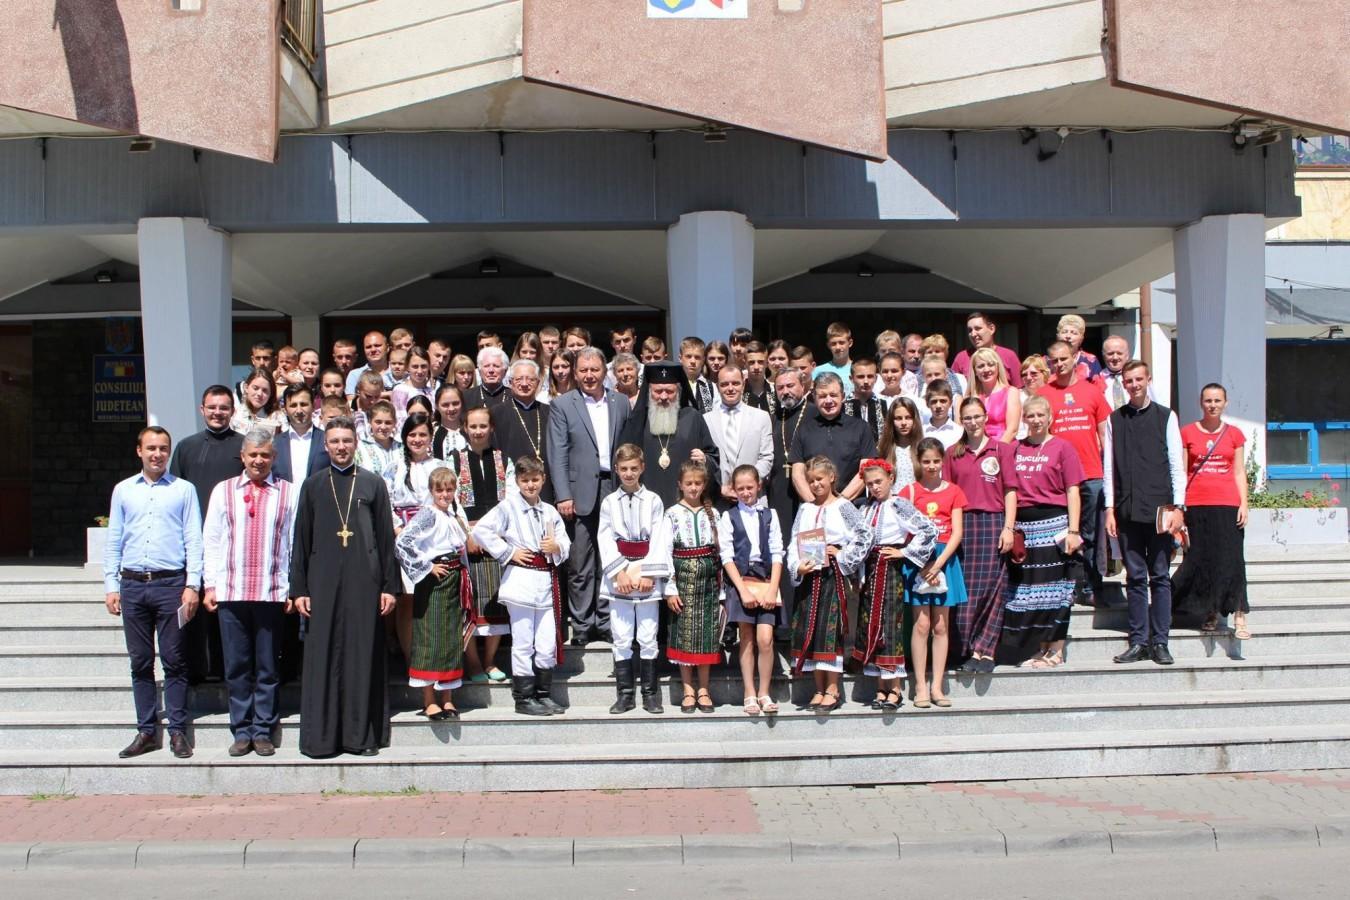 Înaltpreasfințitul Andrei s-a întâlnit cu un grup de copii din Cernăuți